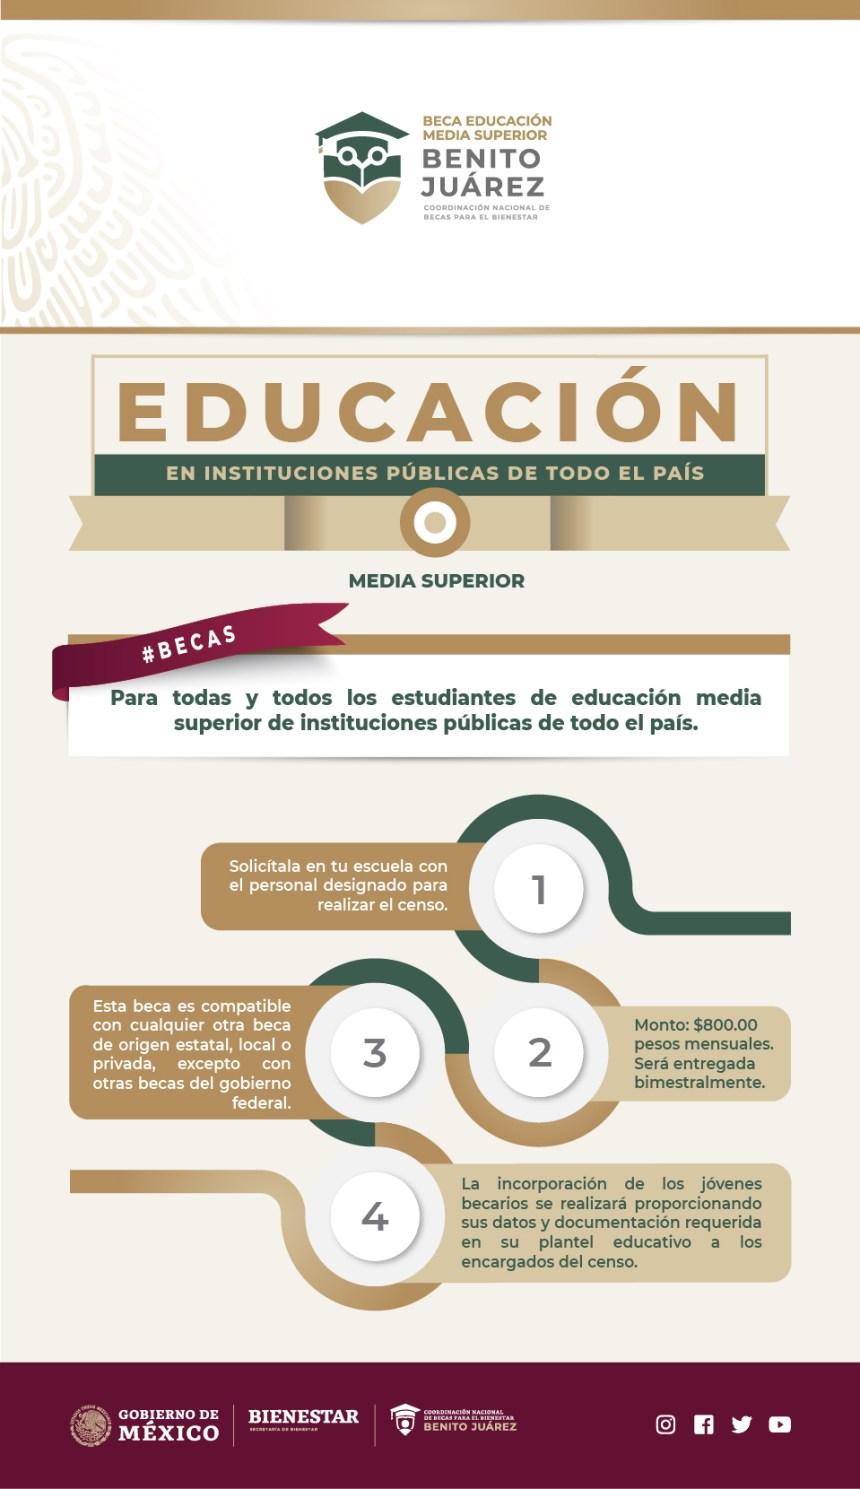 Infografia BecasBenitoJuarez 10062019 03 jpg - Becas para jóvenes de bachillerato, todo lo que debes saber » Regeneración